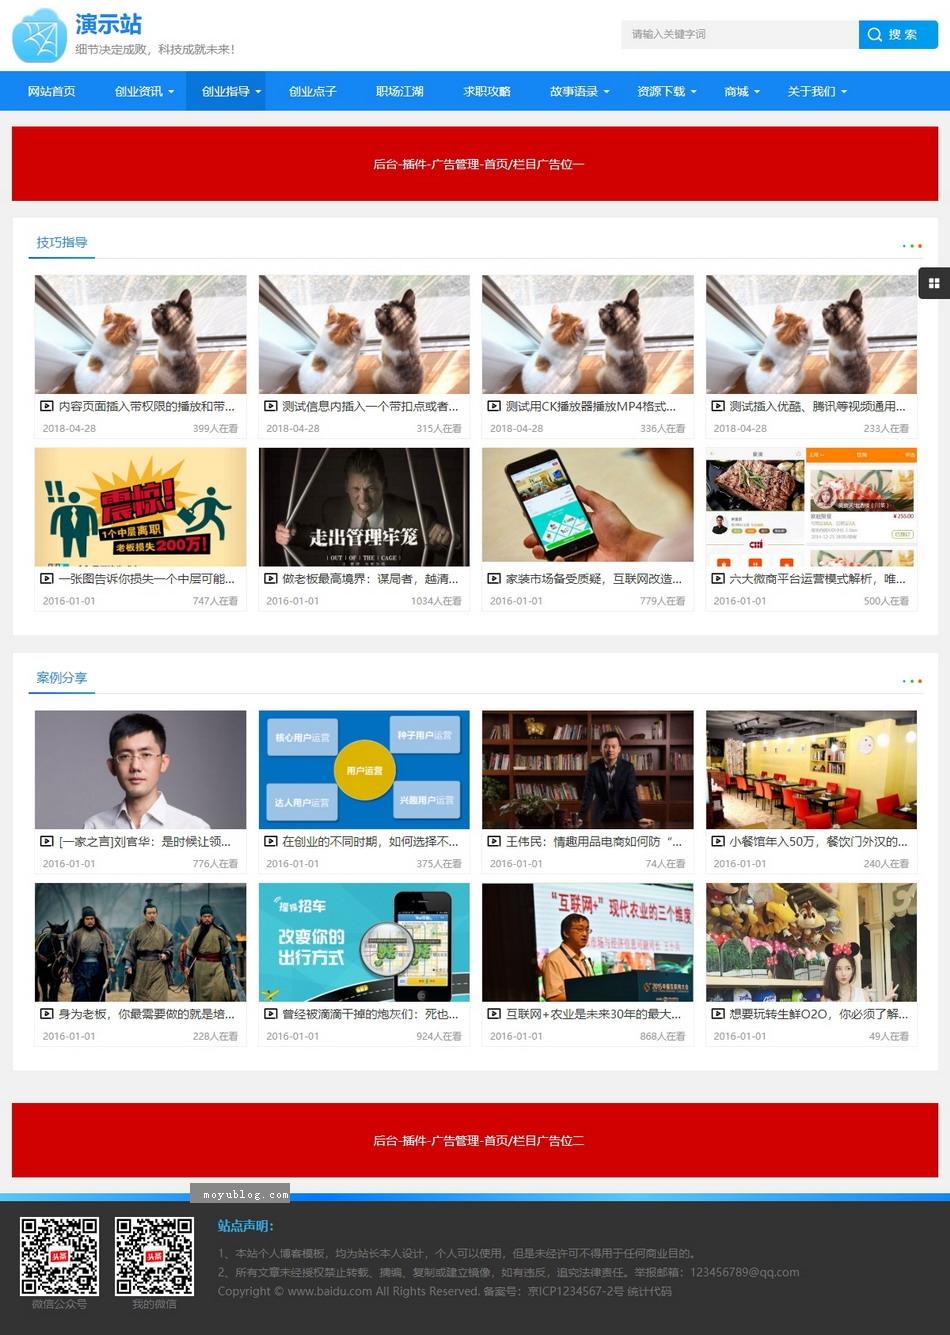 帝国CMS视频收费播放下载新闻资讯门户商城自适应手机HTML5整站模板插图(3)